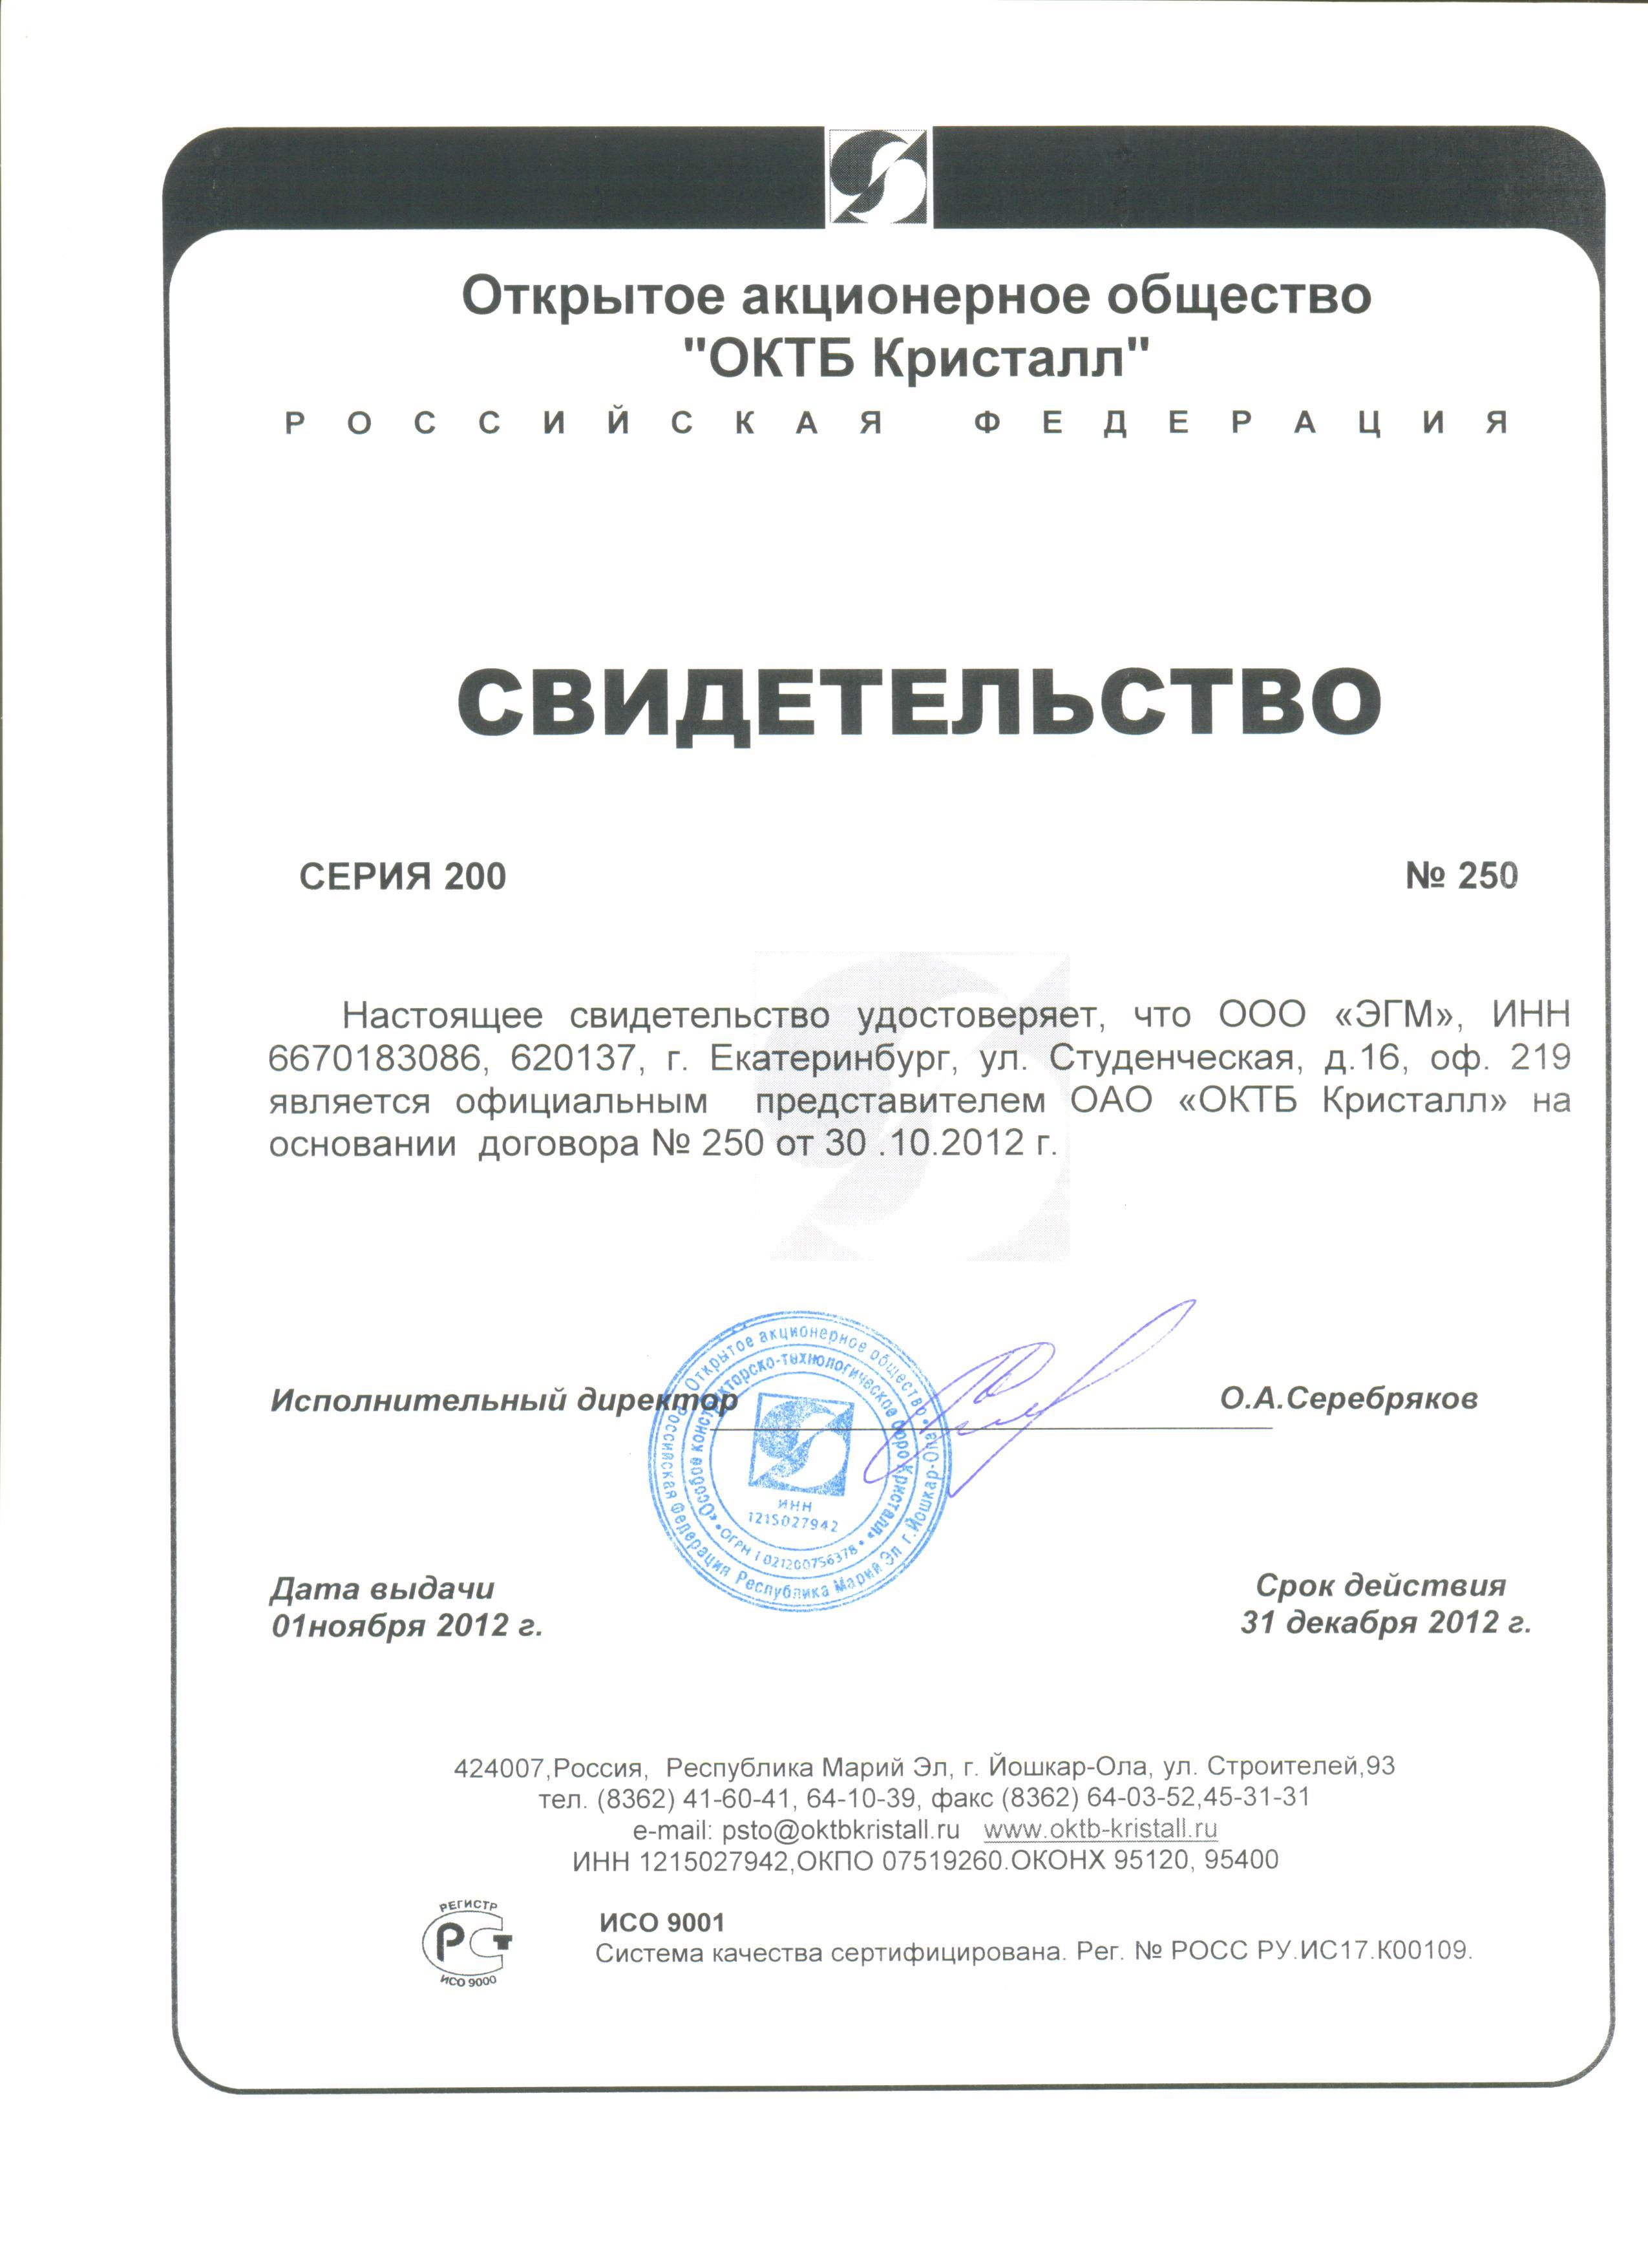 Официальный представитель ОКТБ Кристалл